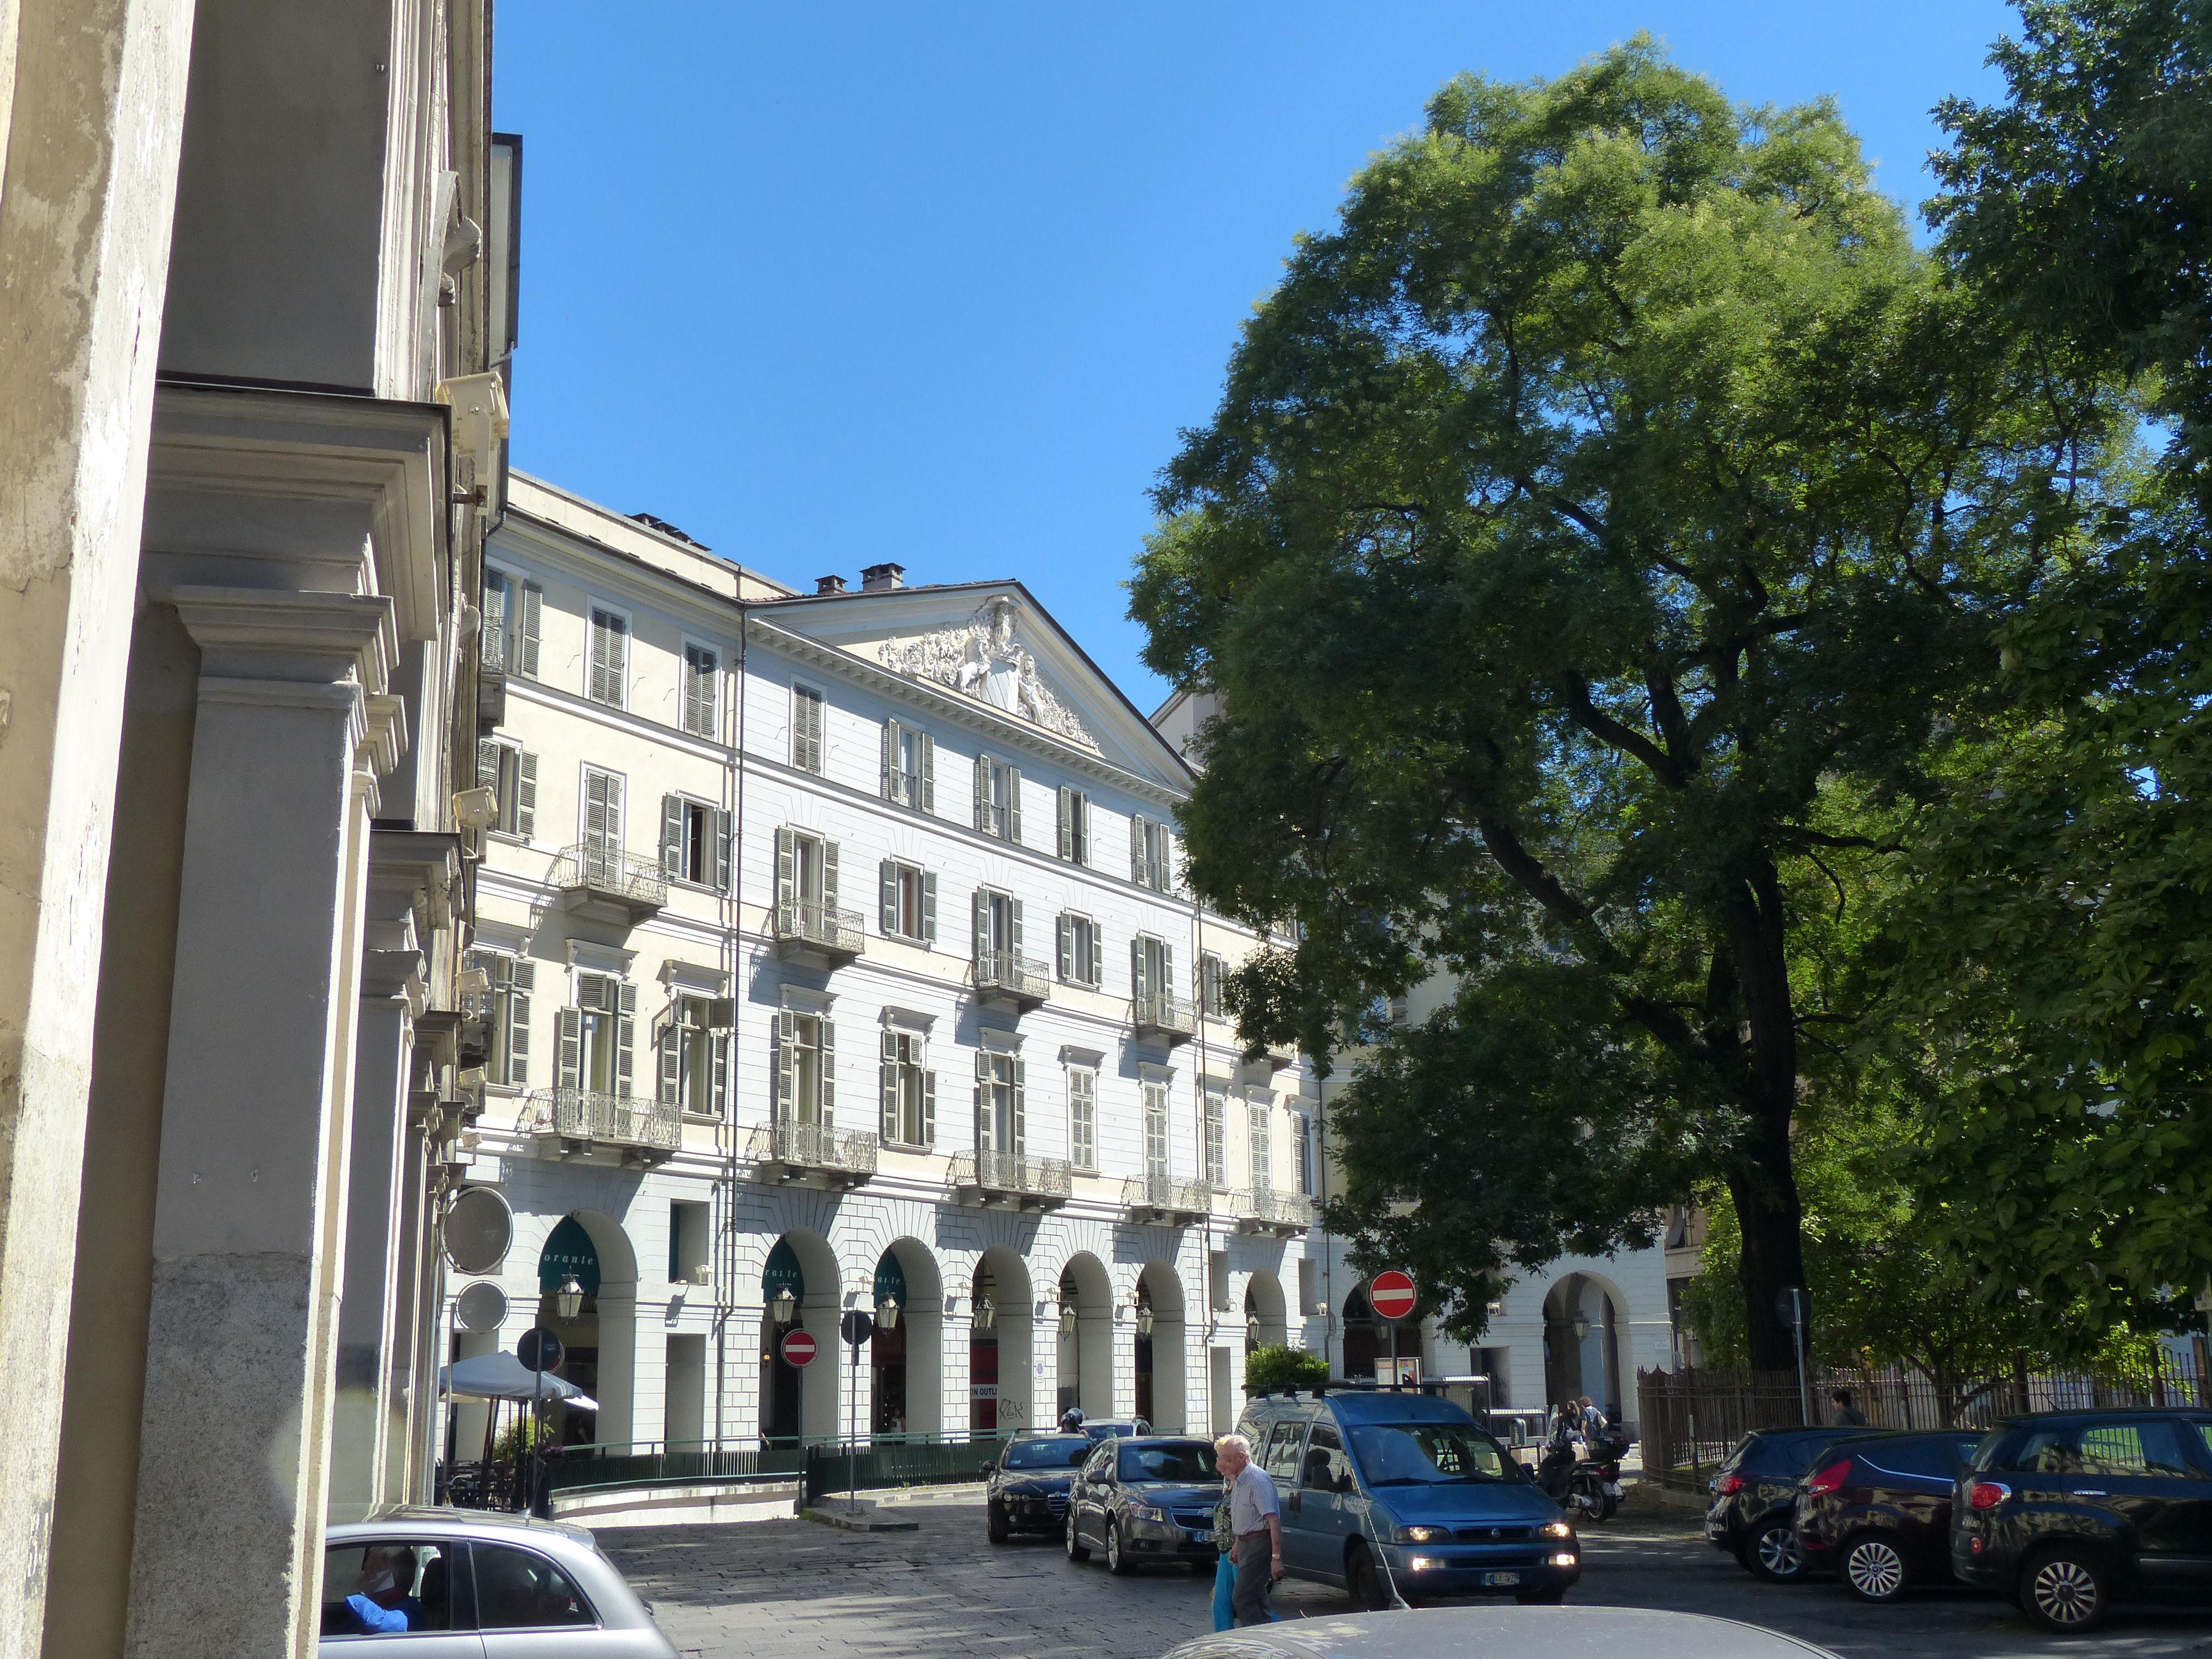 © Dipartimento di Scienze della Vita, Università di Trieste<br>by Andrea Moro<br>Comune di Torino, Piazza Carlo Felice, TO, Piemonte, Italia, 28/07/2016<br>Distributed under CC-BY-SA 4.0 license.